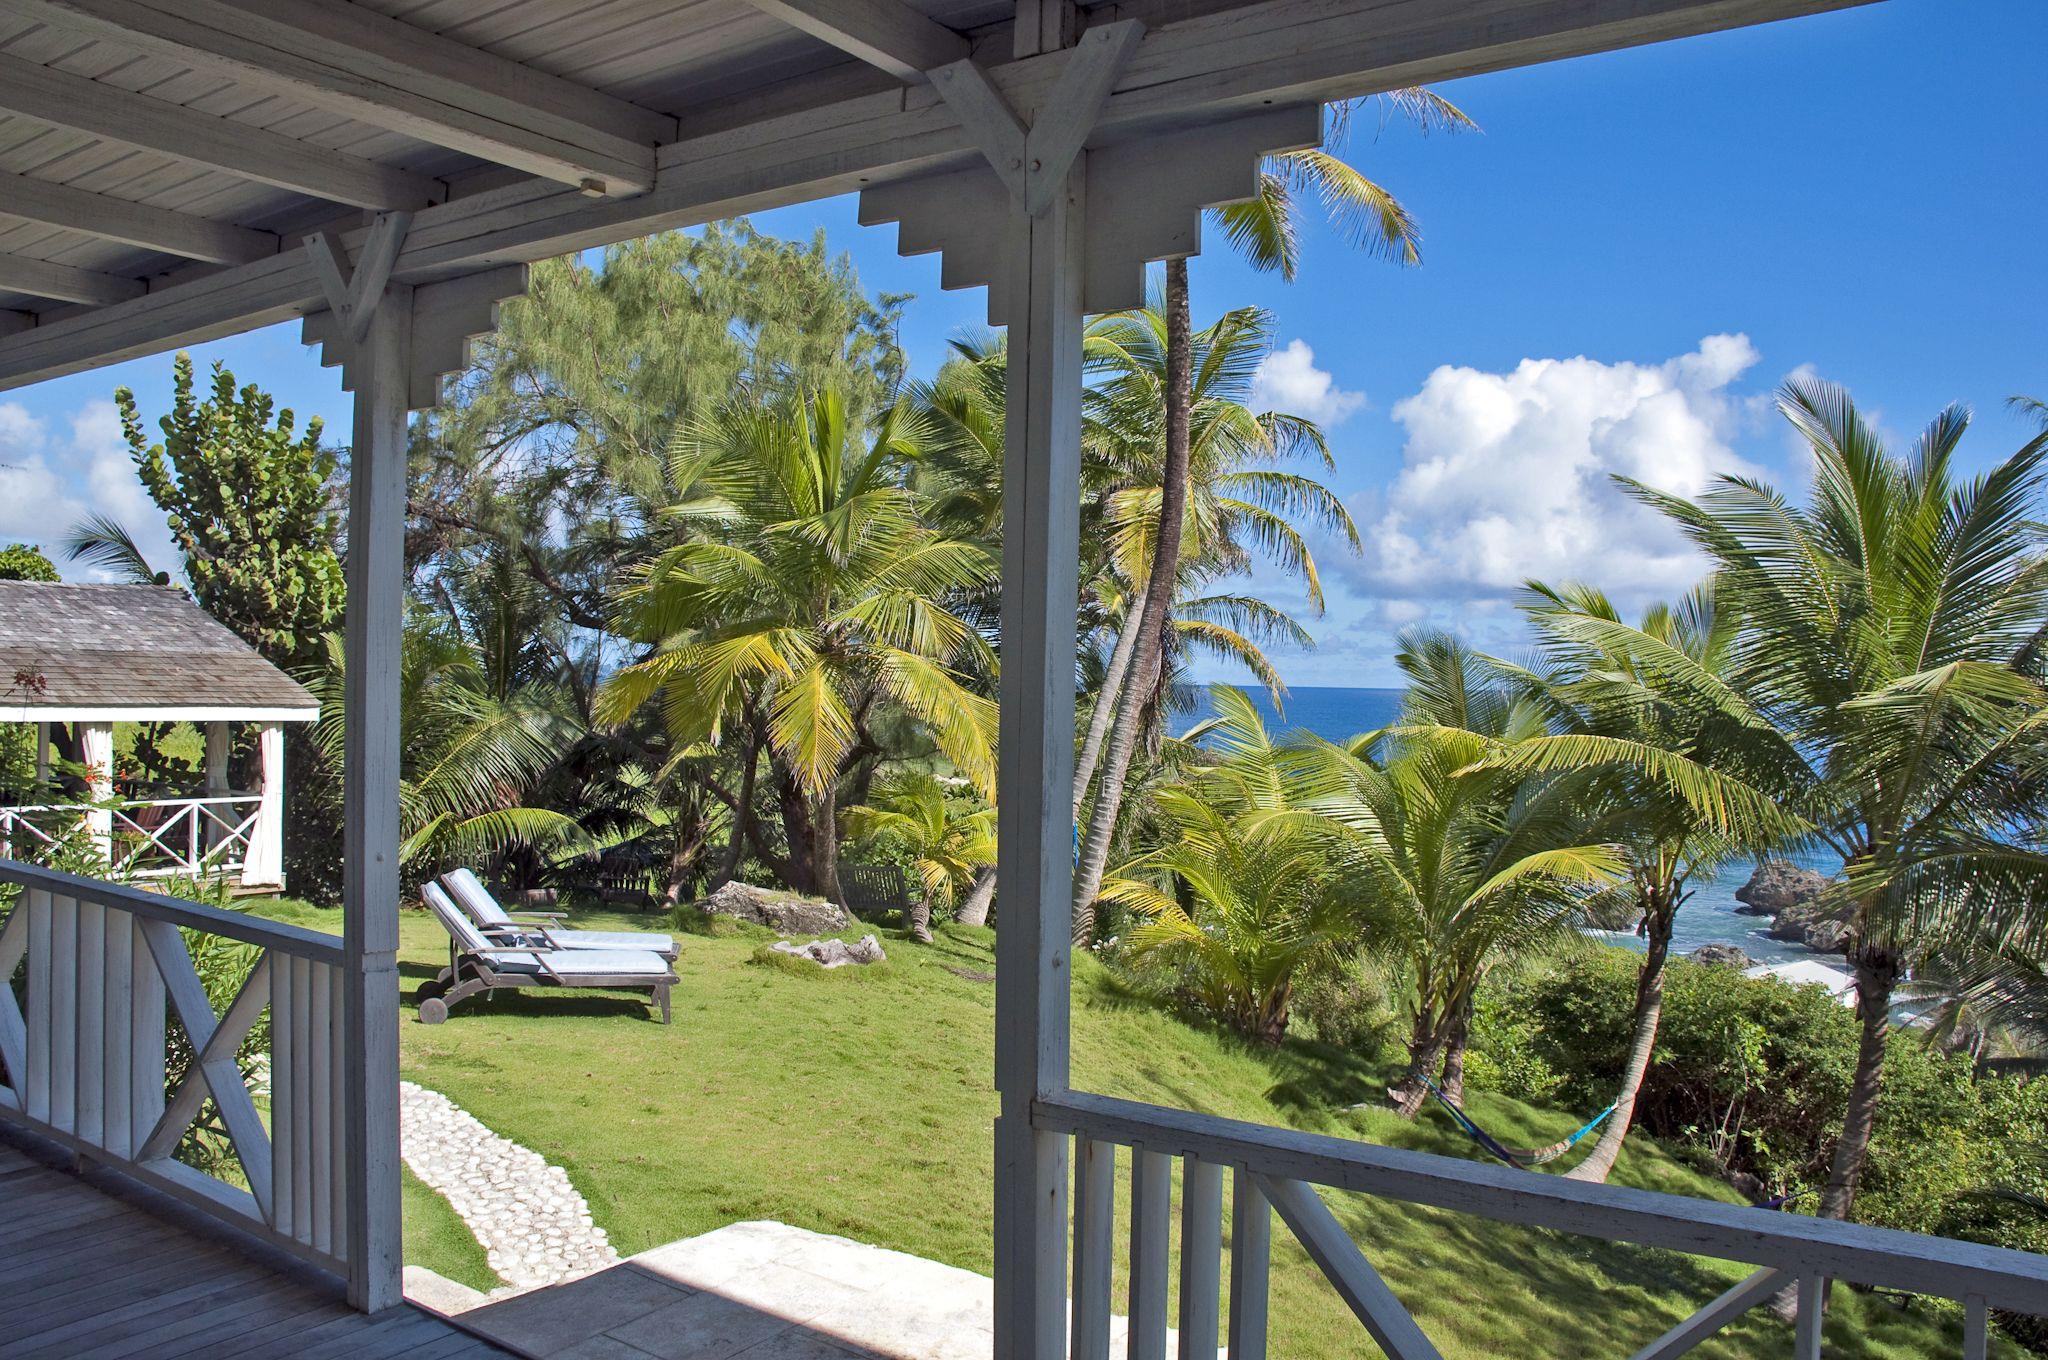 view from patio at sea-u guest house, bathsheba, barbados | sea-u